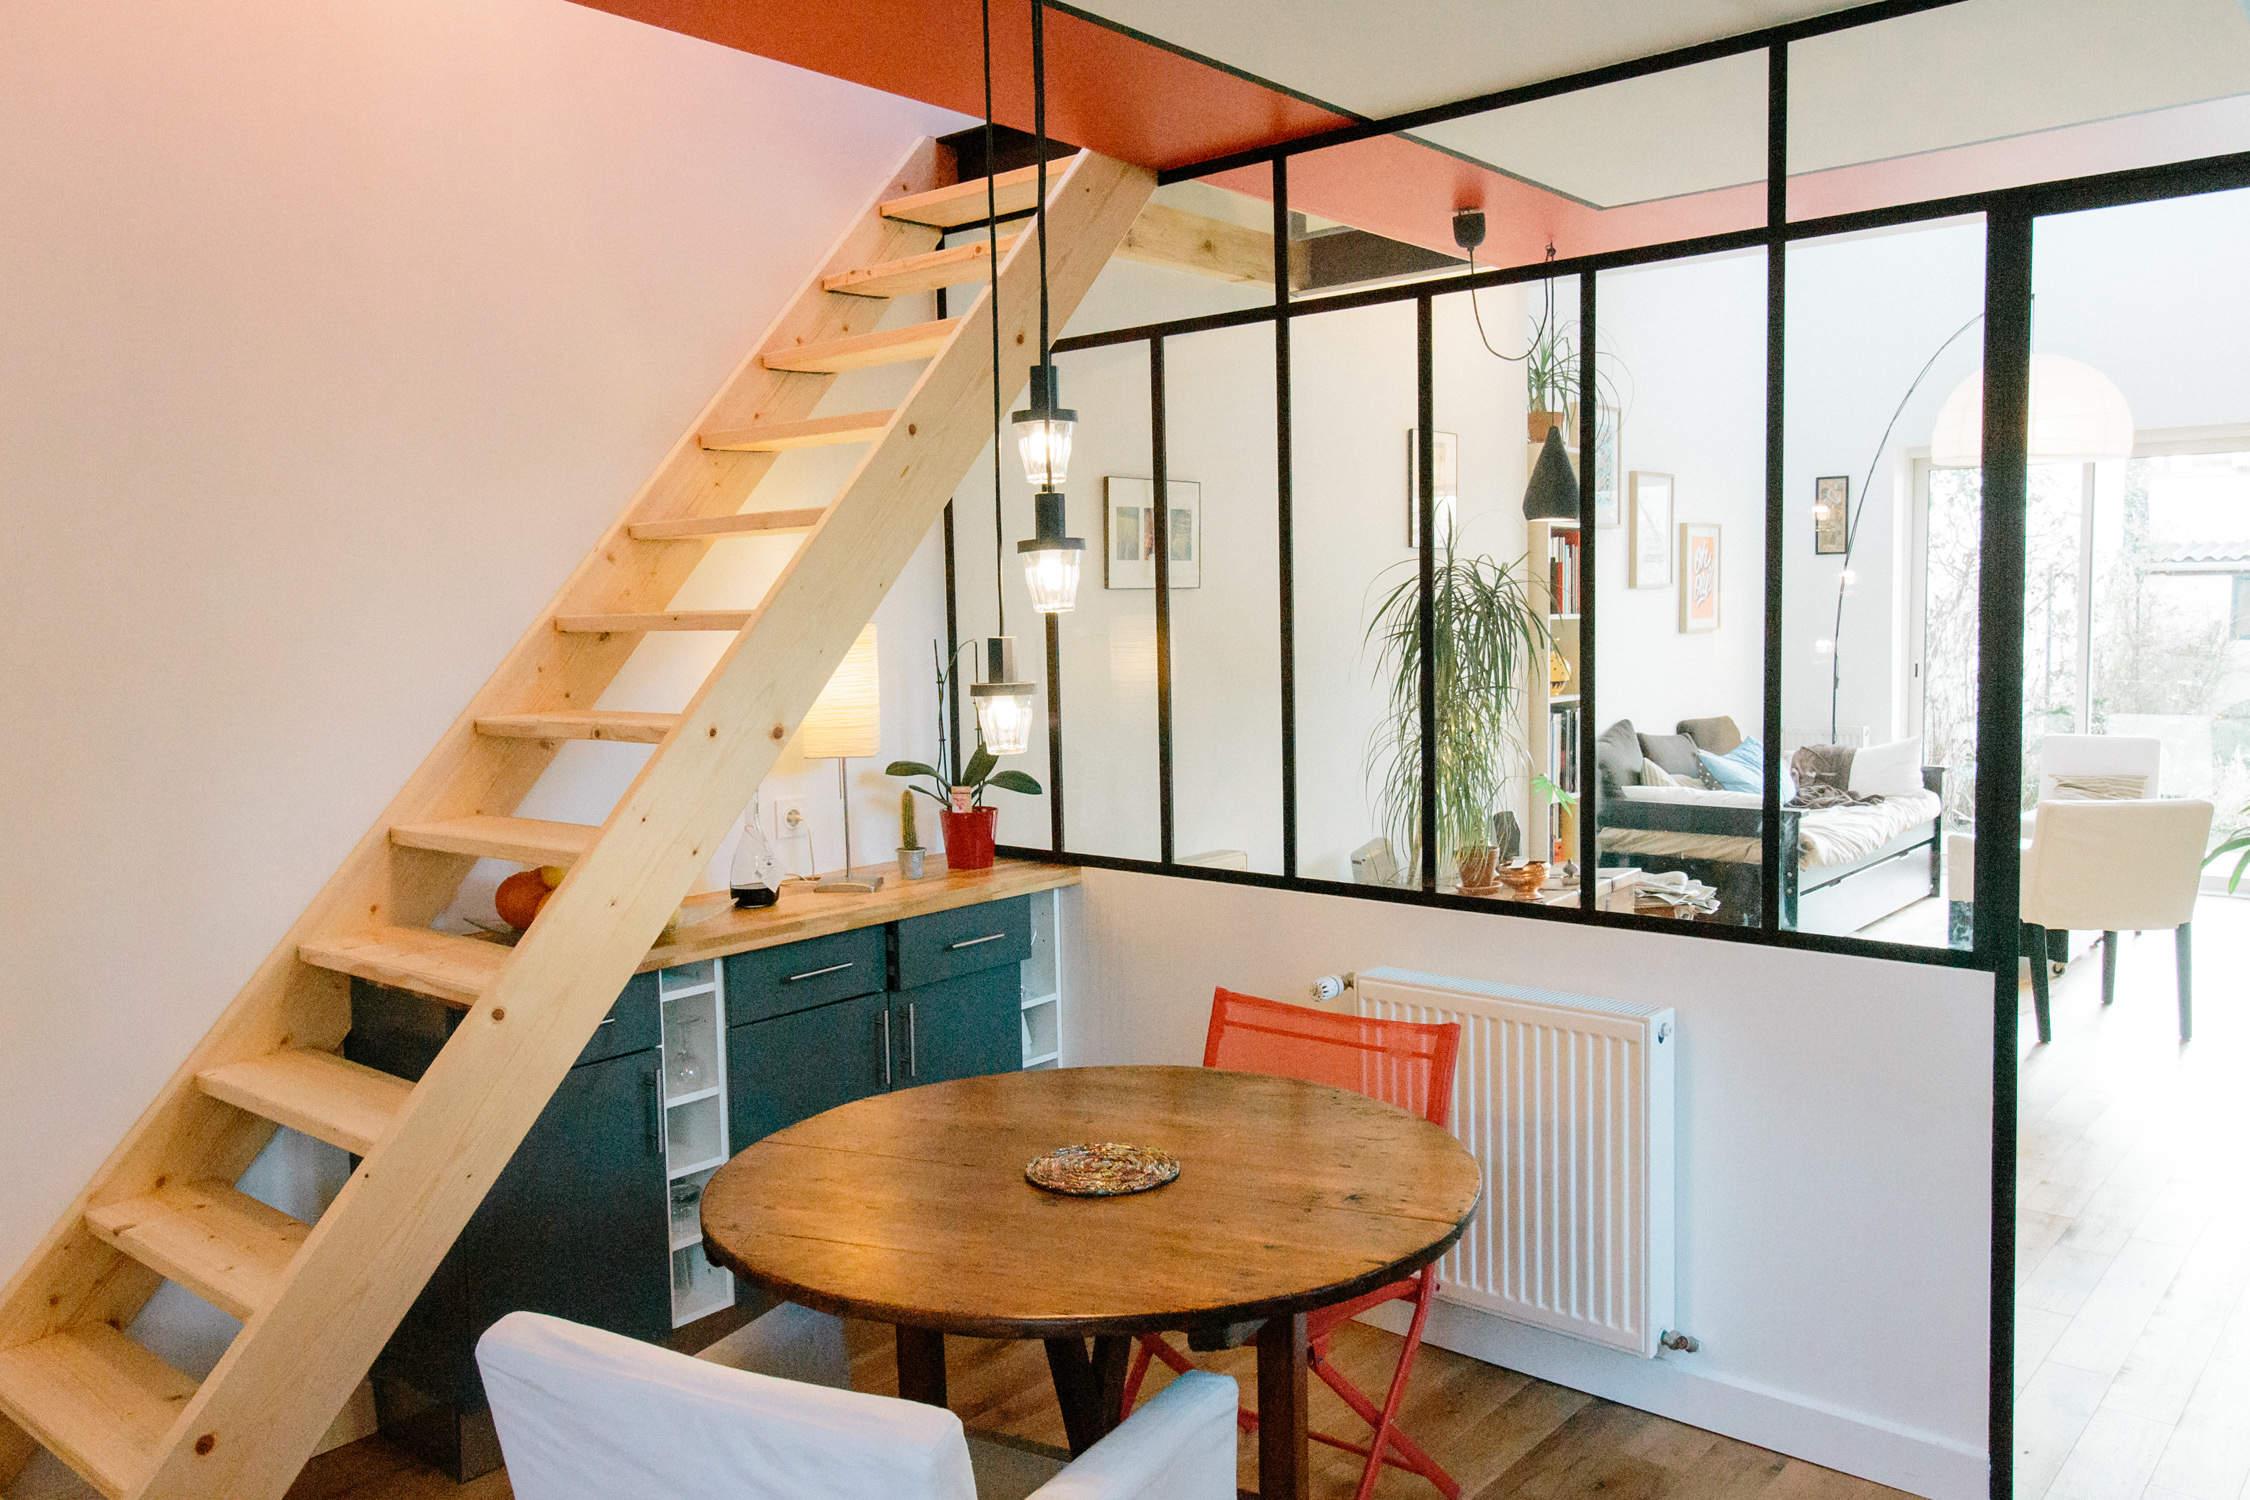 idée aménagement séparation d'espace cuisine, salle à manger et salon par une verrière et porte atelier d'artiste